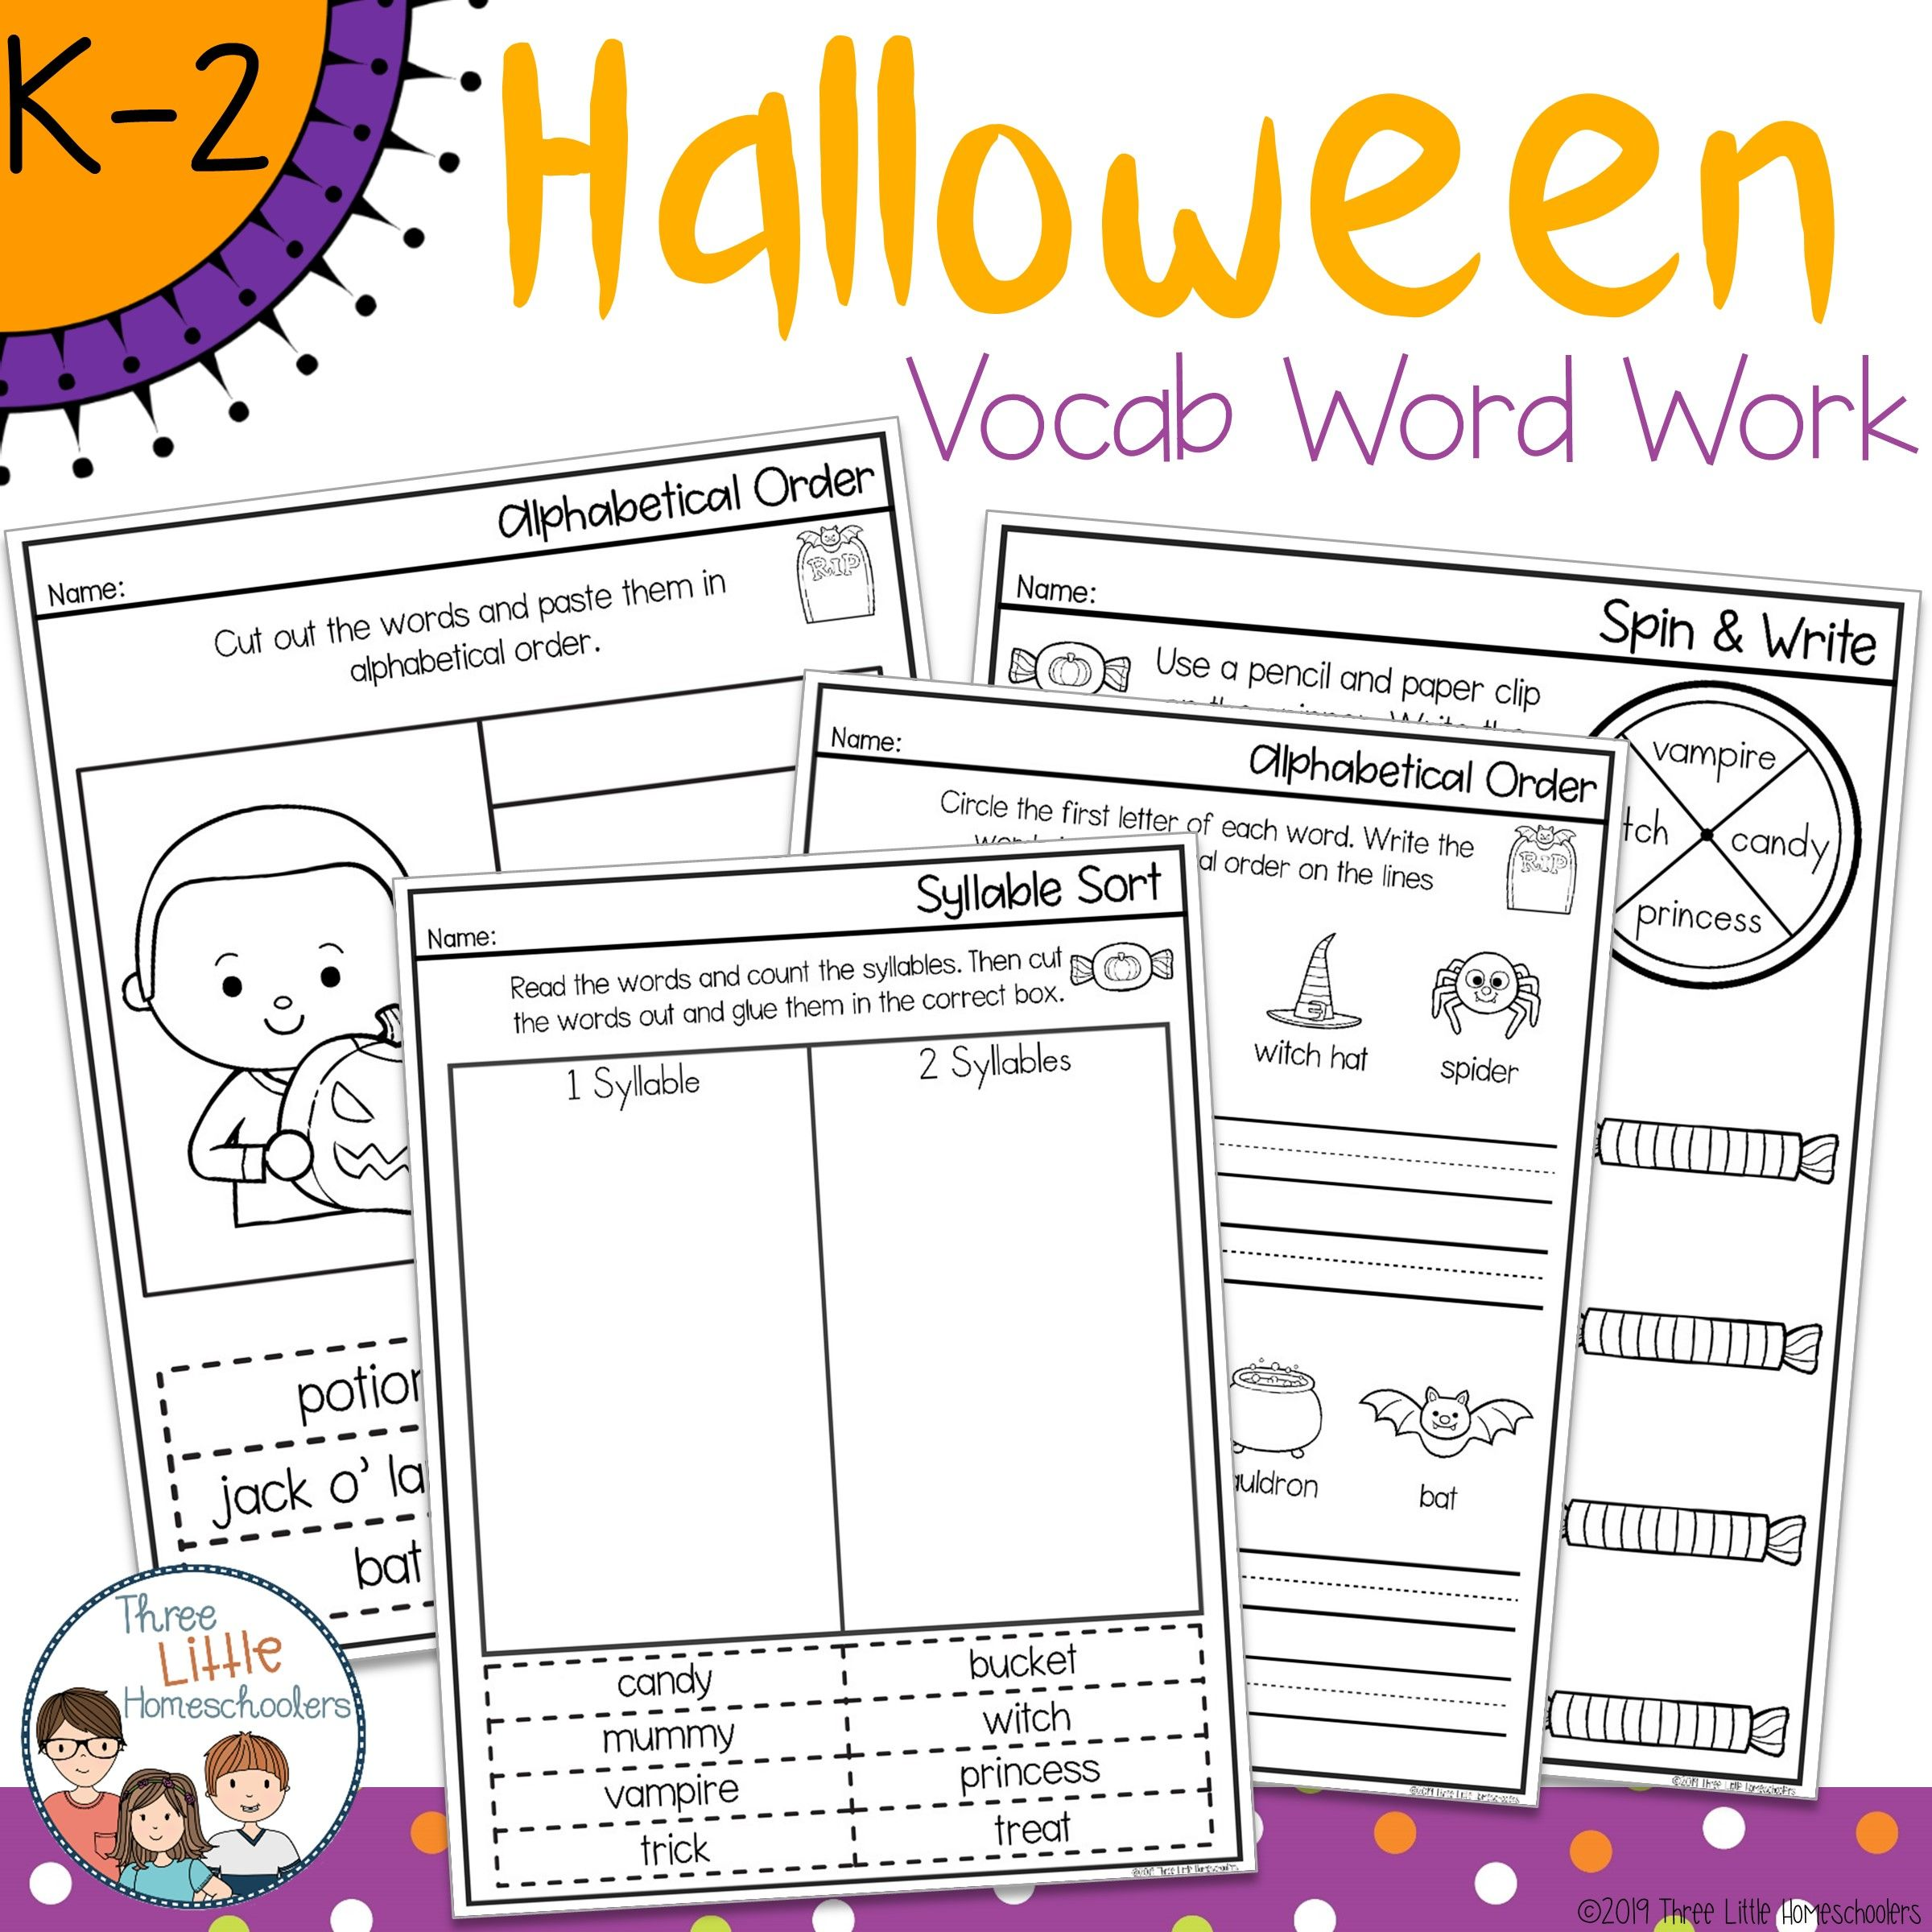 Halloween Spelling Word Work Pack